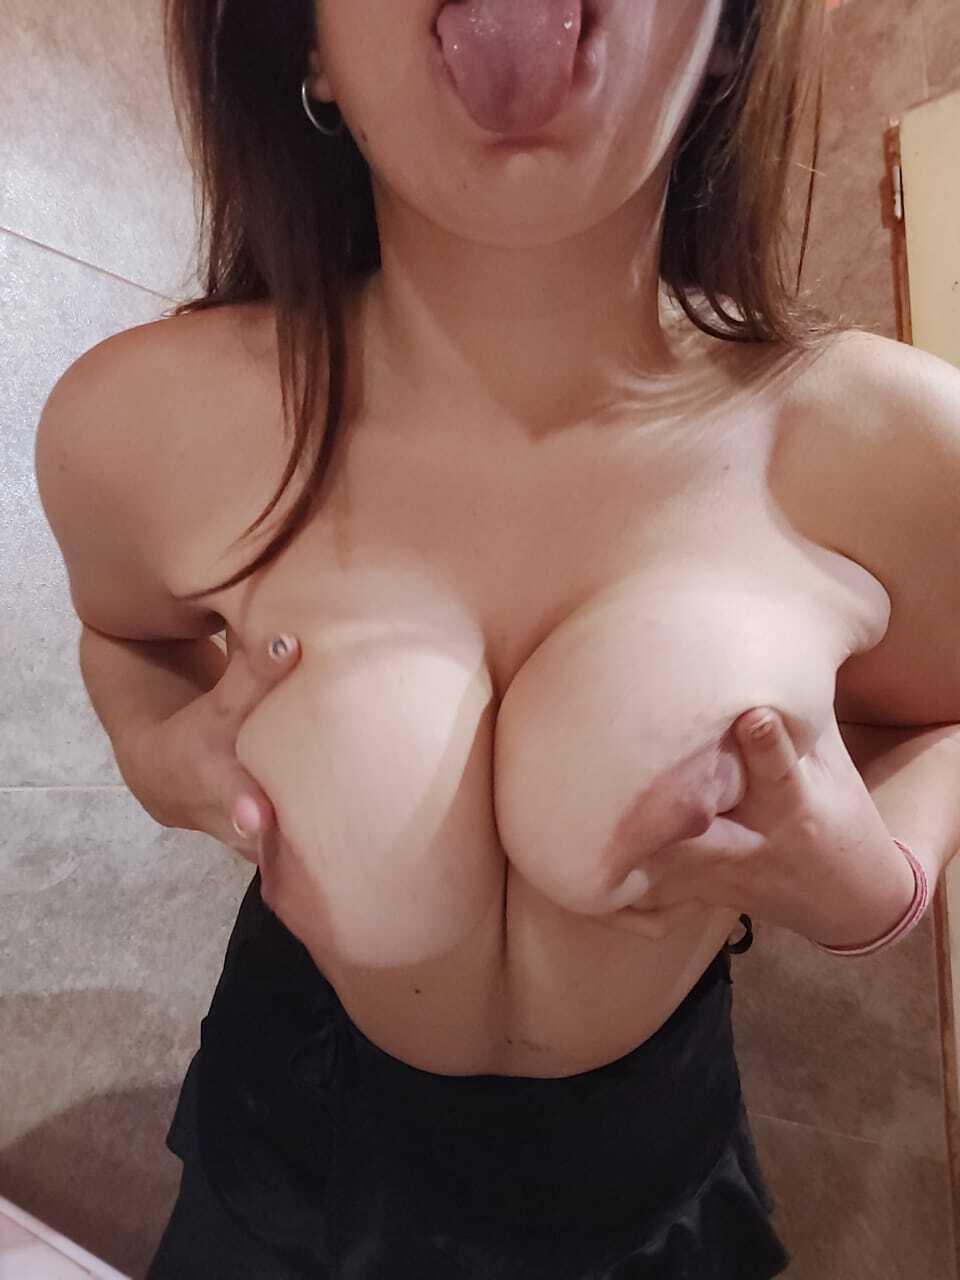 fotosxxx novias desnudas, chicas para coger